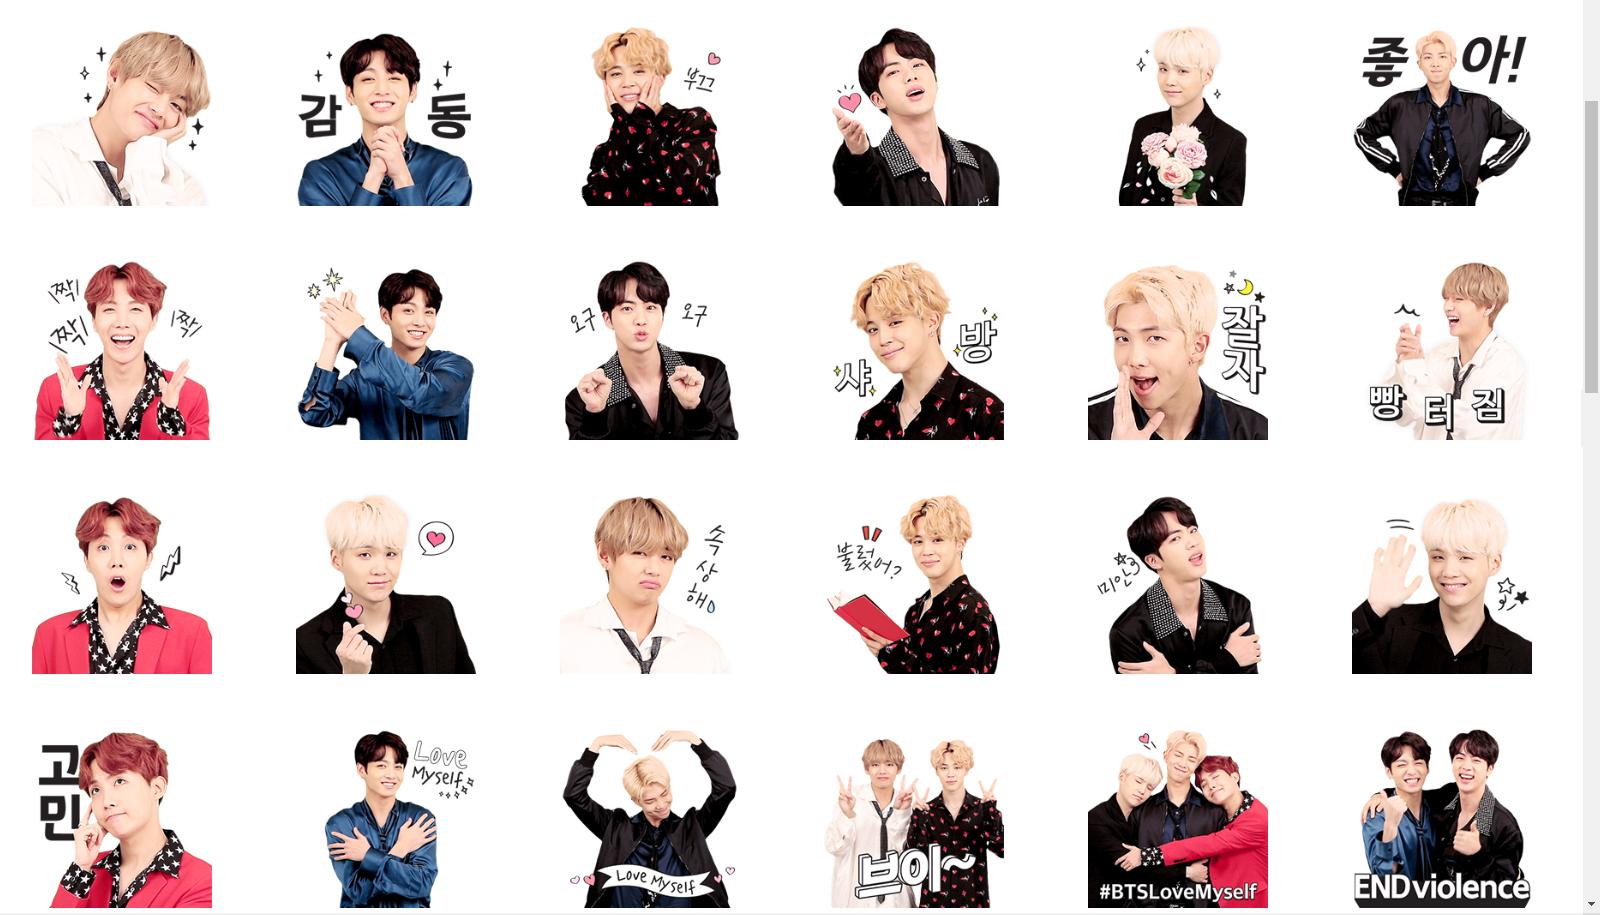 Kakao's BTS emoticon. Photo from Kakao